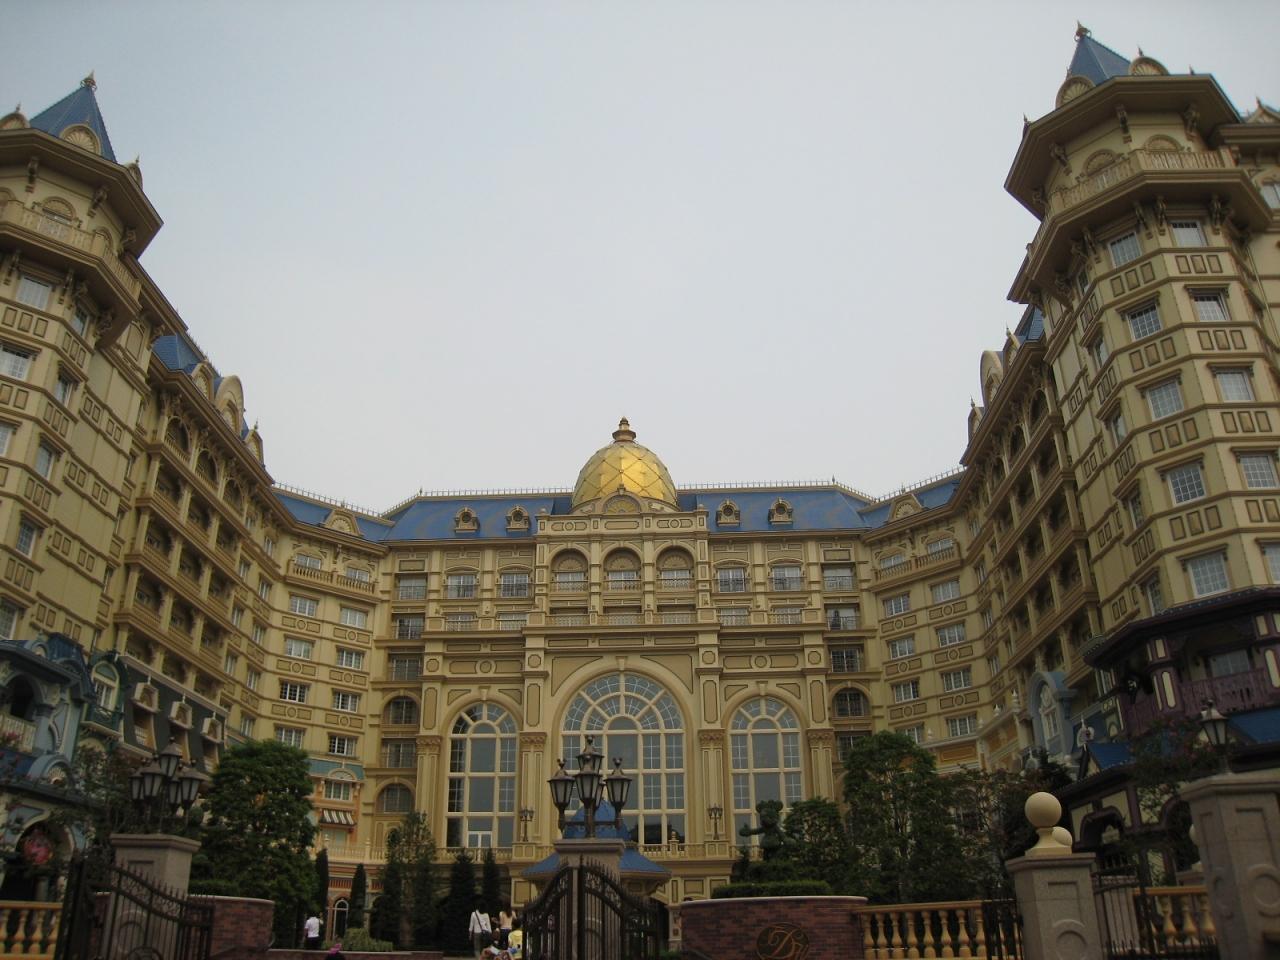 ディズニーランドホテルに宿泊!』東京ディズニーリゾート(千葉県)の旅行